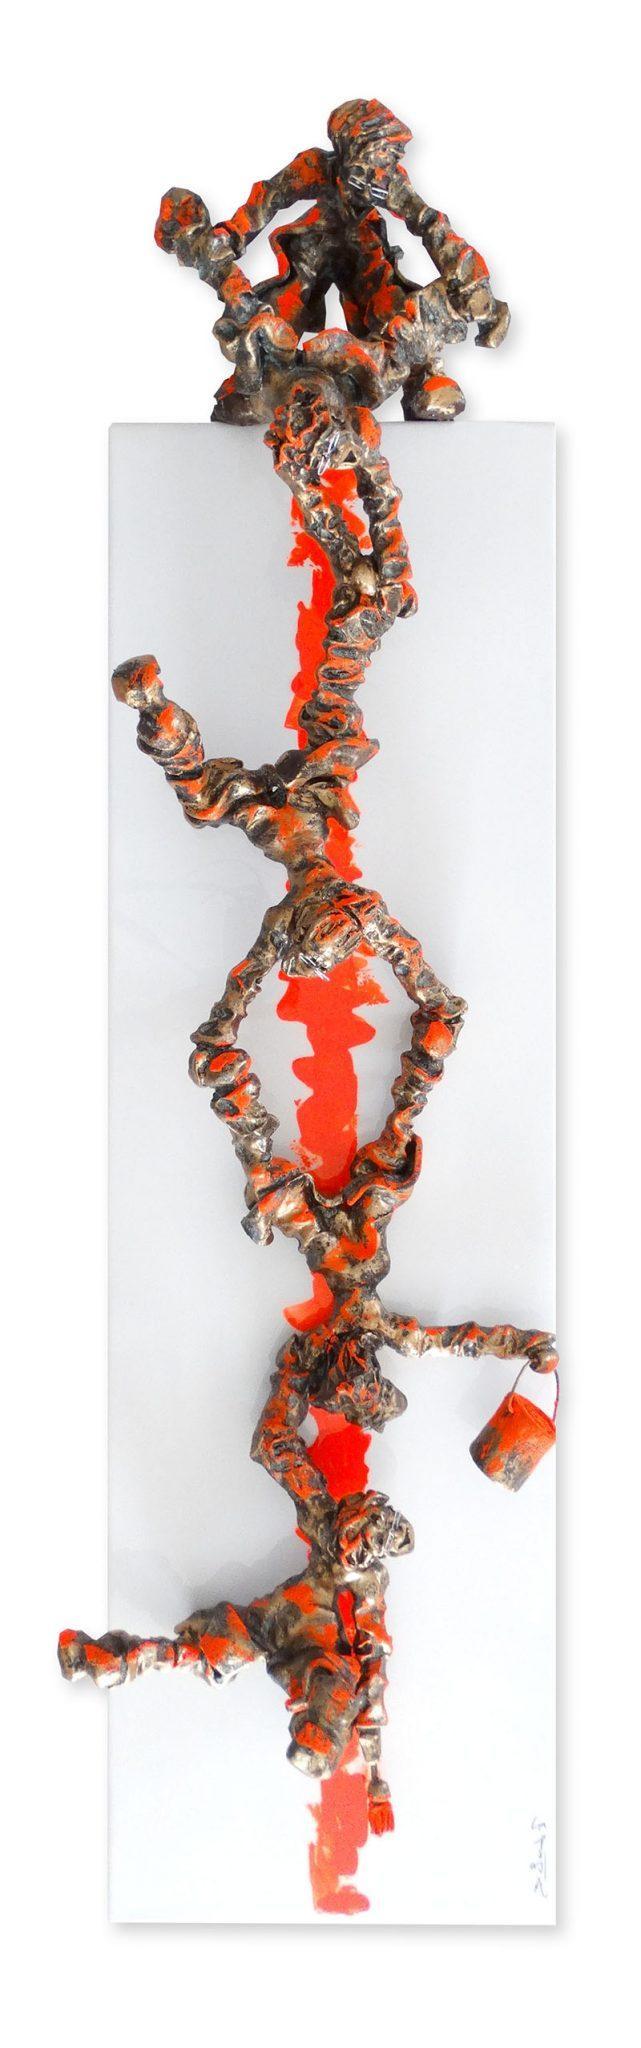 Bernard Saint Maxent - Fluo cascade - 30x100cm